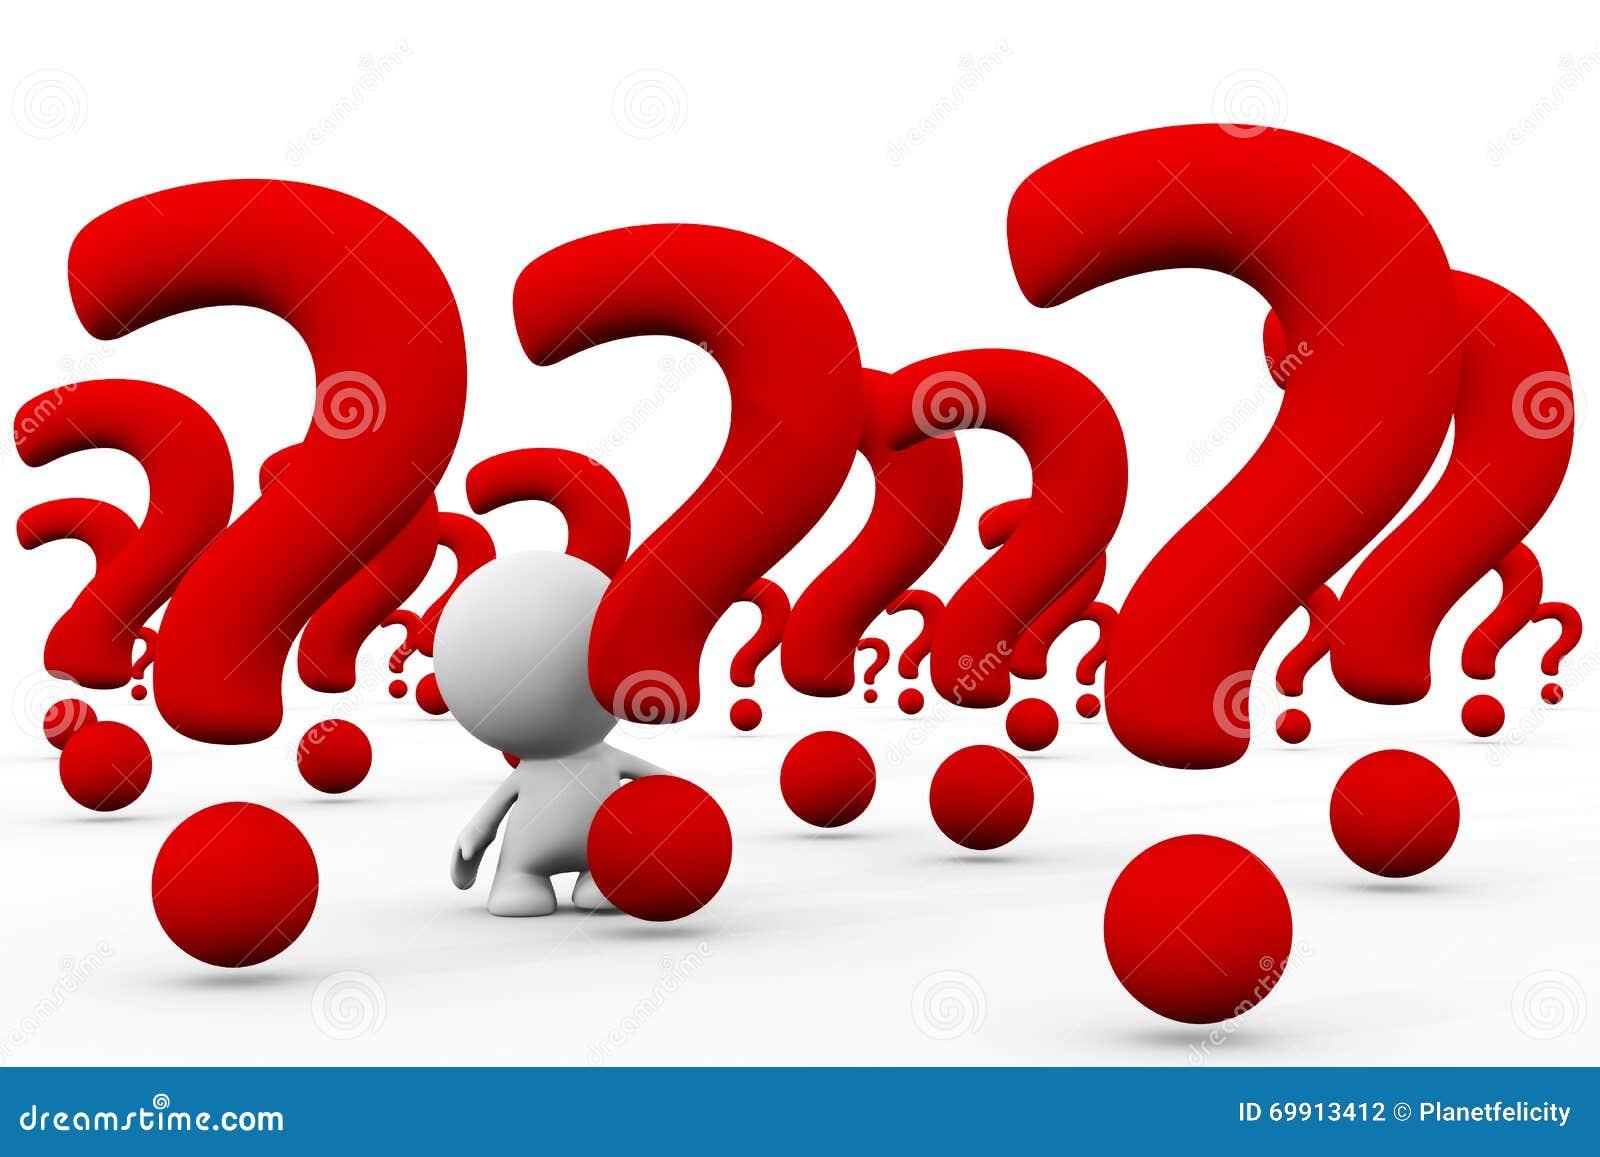 Persona bianca 3d in una matrice enorme dei punti interrogativi giganti